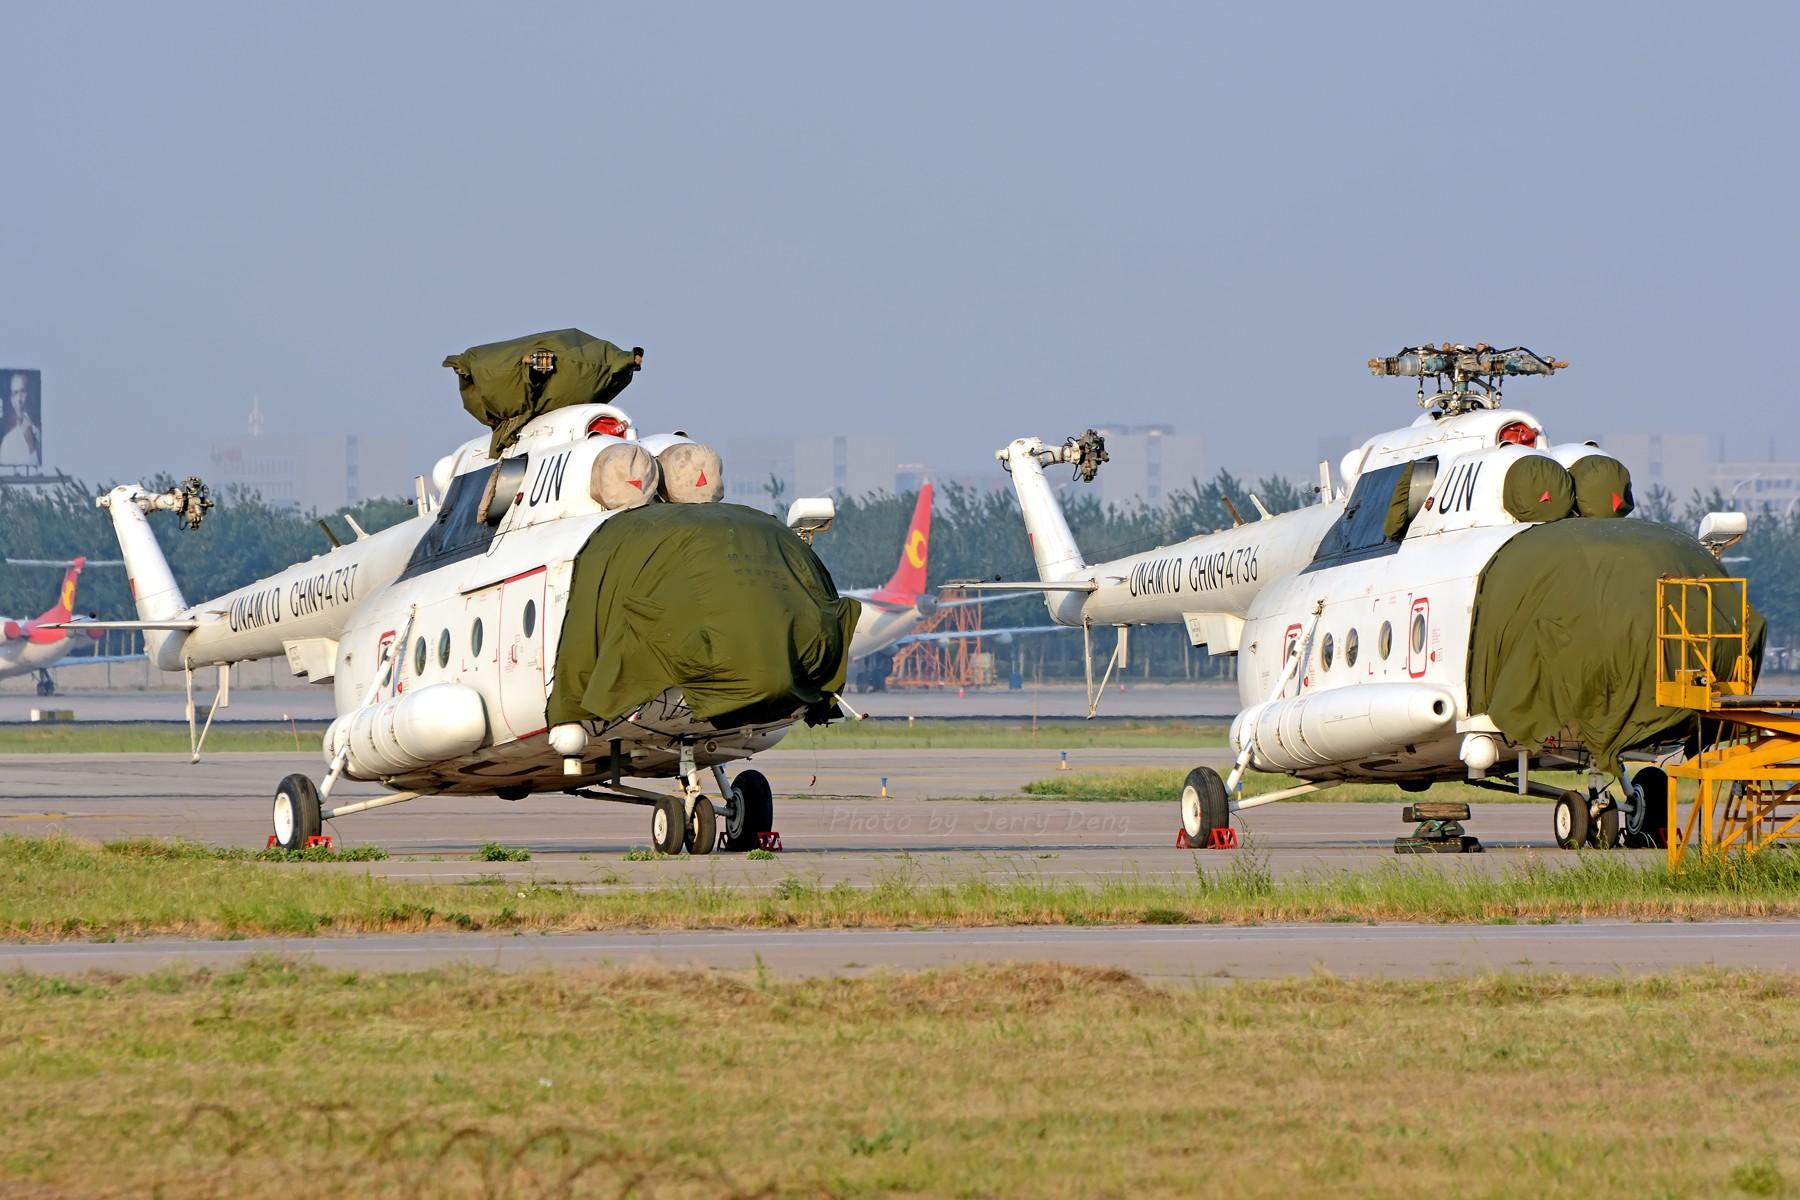 [原创]【一图党】UNAMID CHN MI-17 MI-17 94736、94737 中国天津滨海国际机场